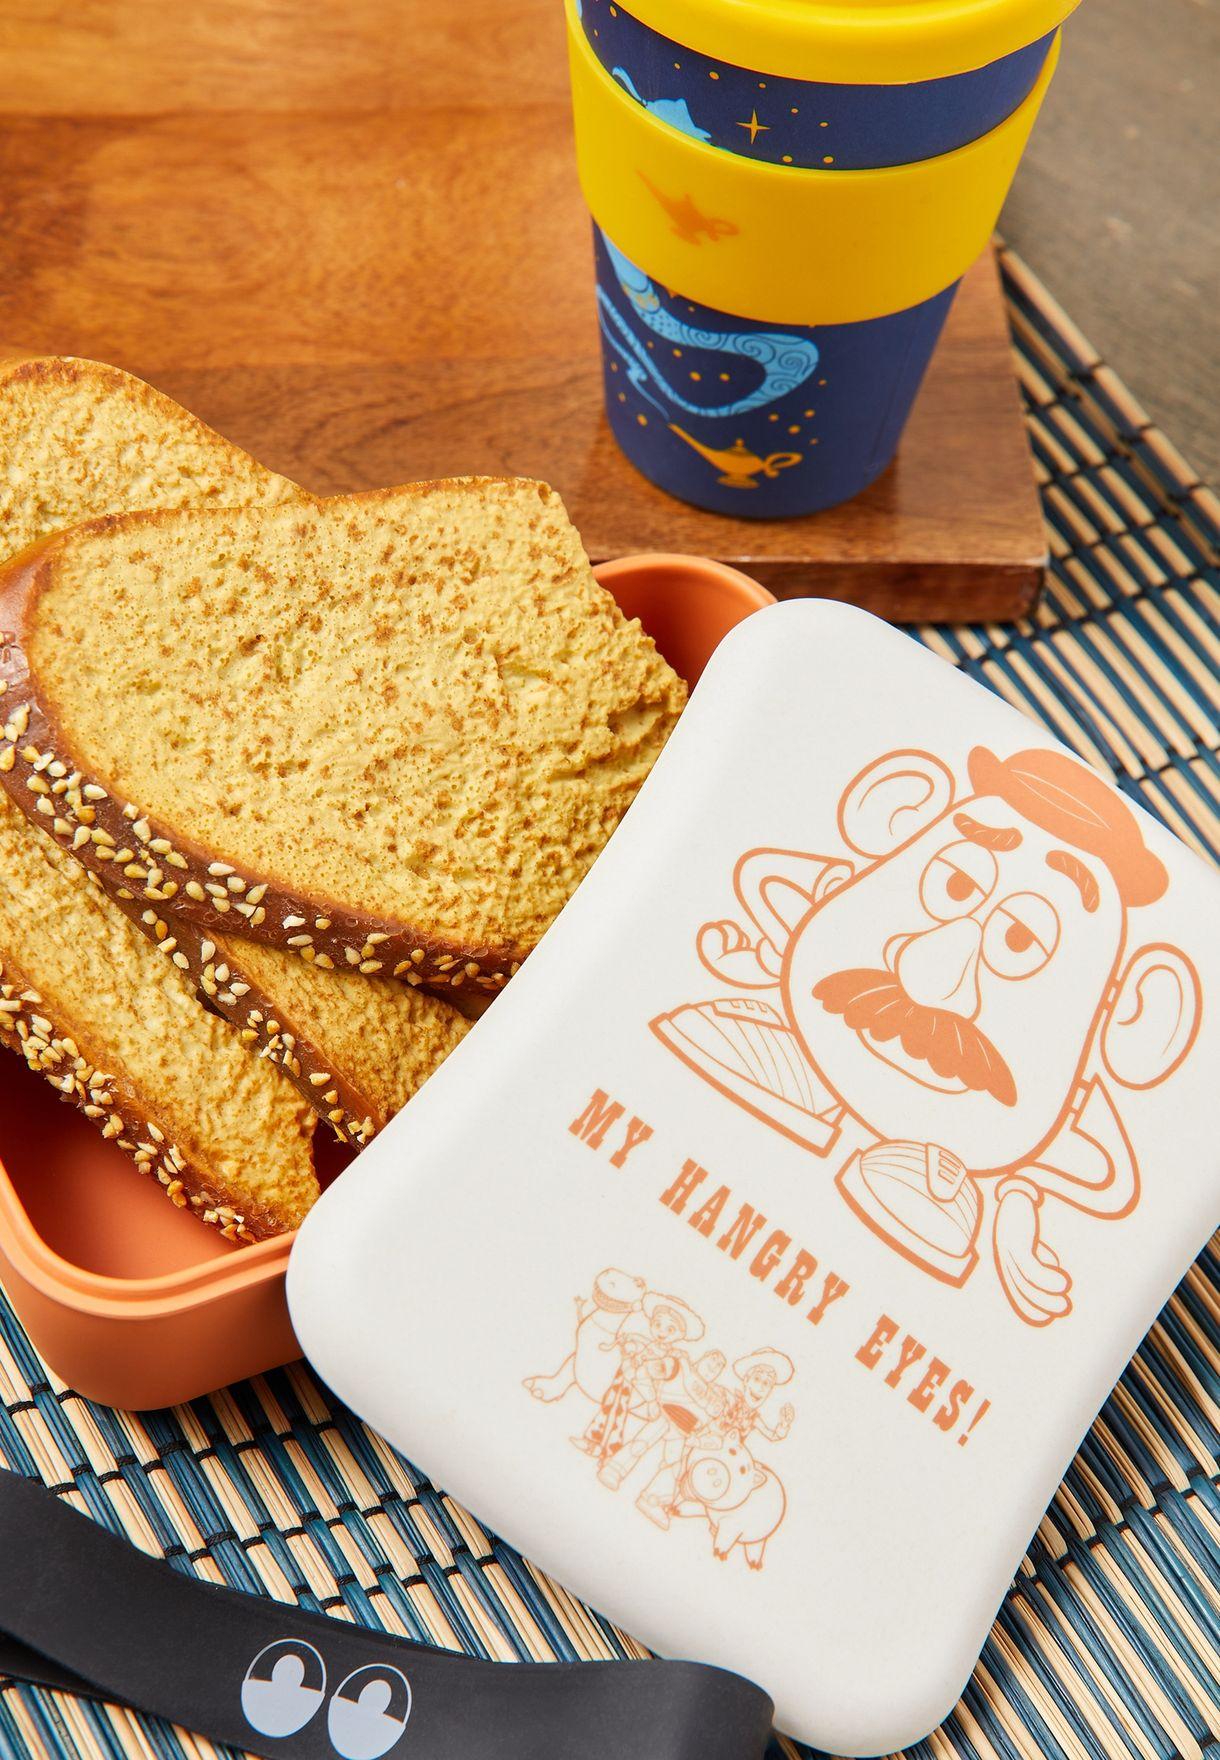 صندوق حفظ الطعام بوتيتو هيد